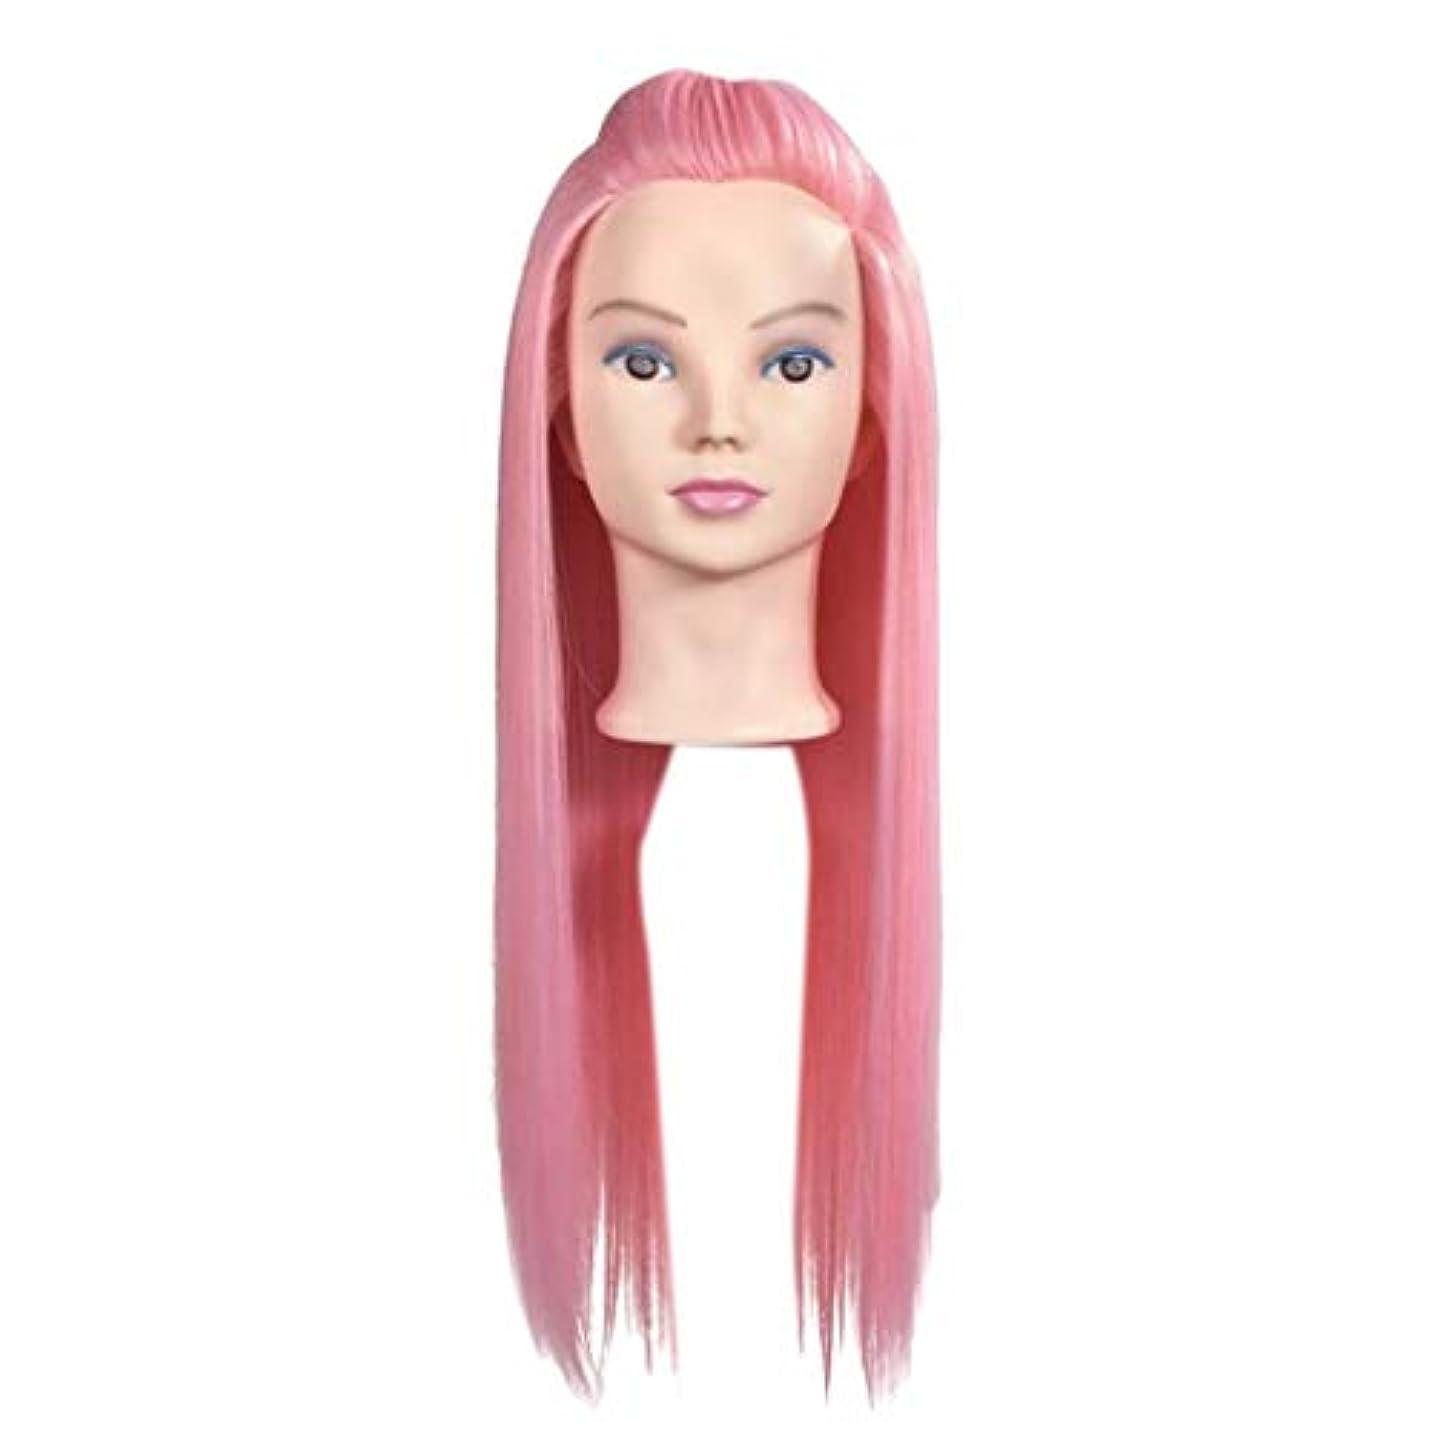 以前はガード魔術Toygogo 23インチピンク美容化粧顔マネキンマネキンヘッド髪、サロンスタイリング練習組紐人形頭合成髪